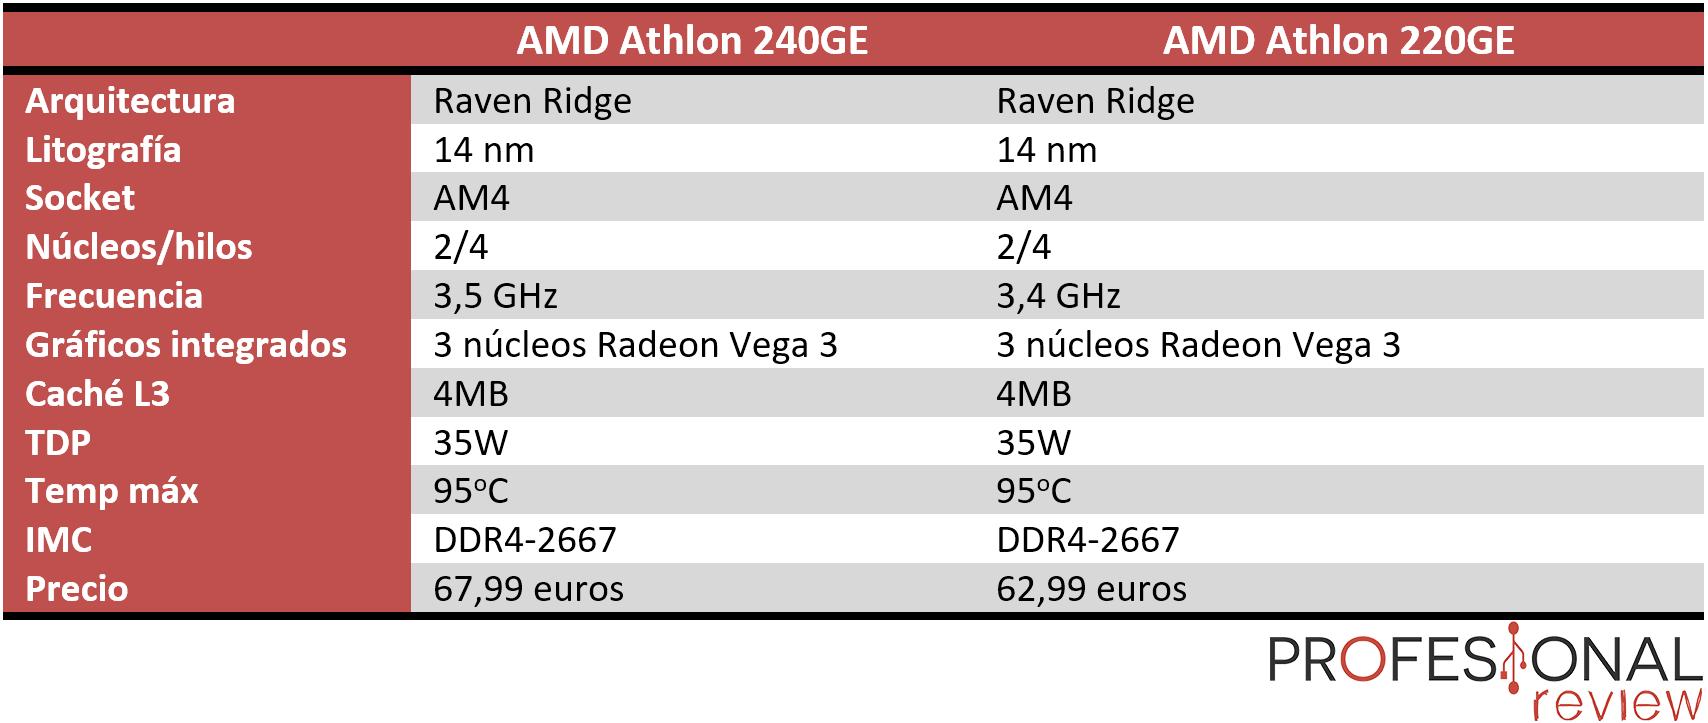 AMD Athlon 240GE y AMD Athlon 220GE características